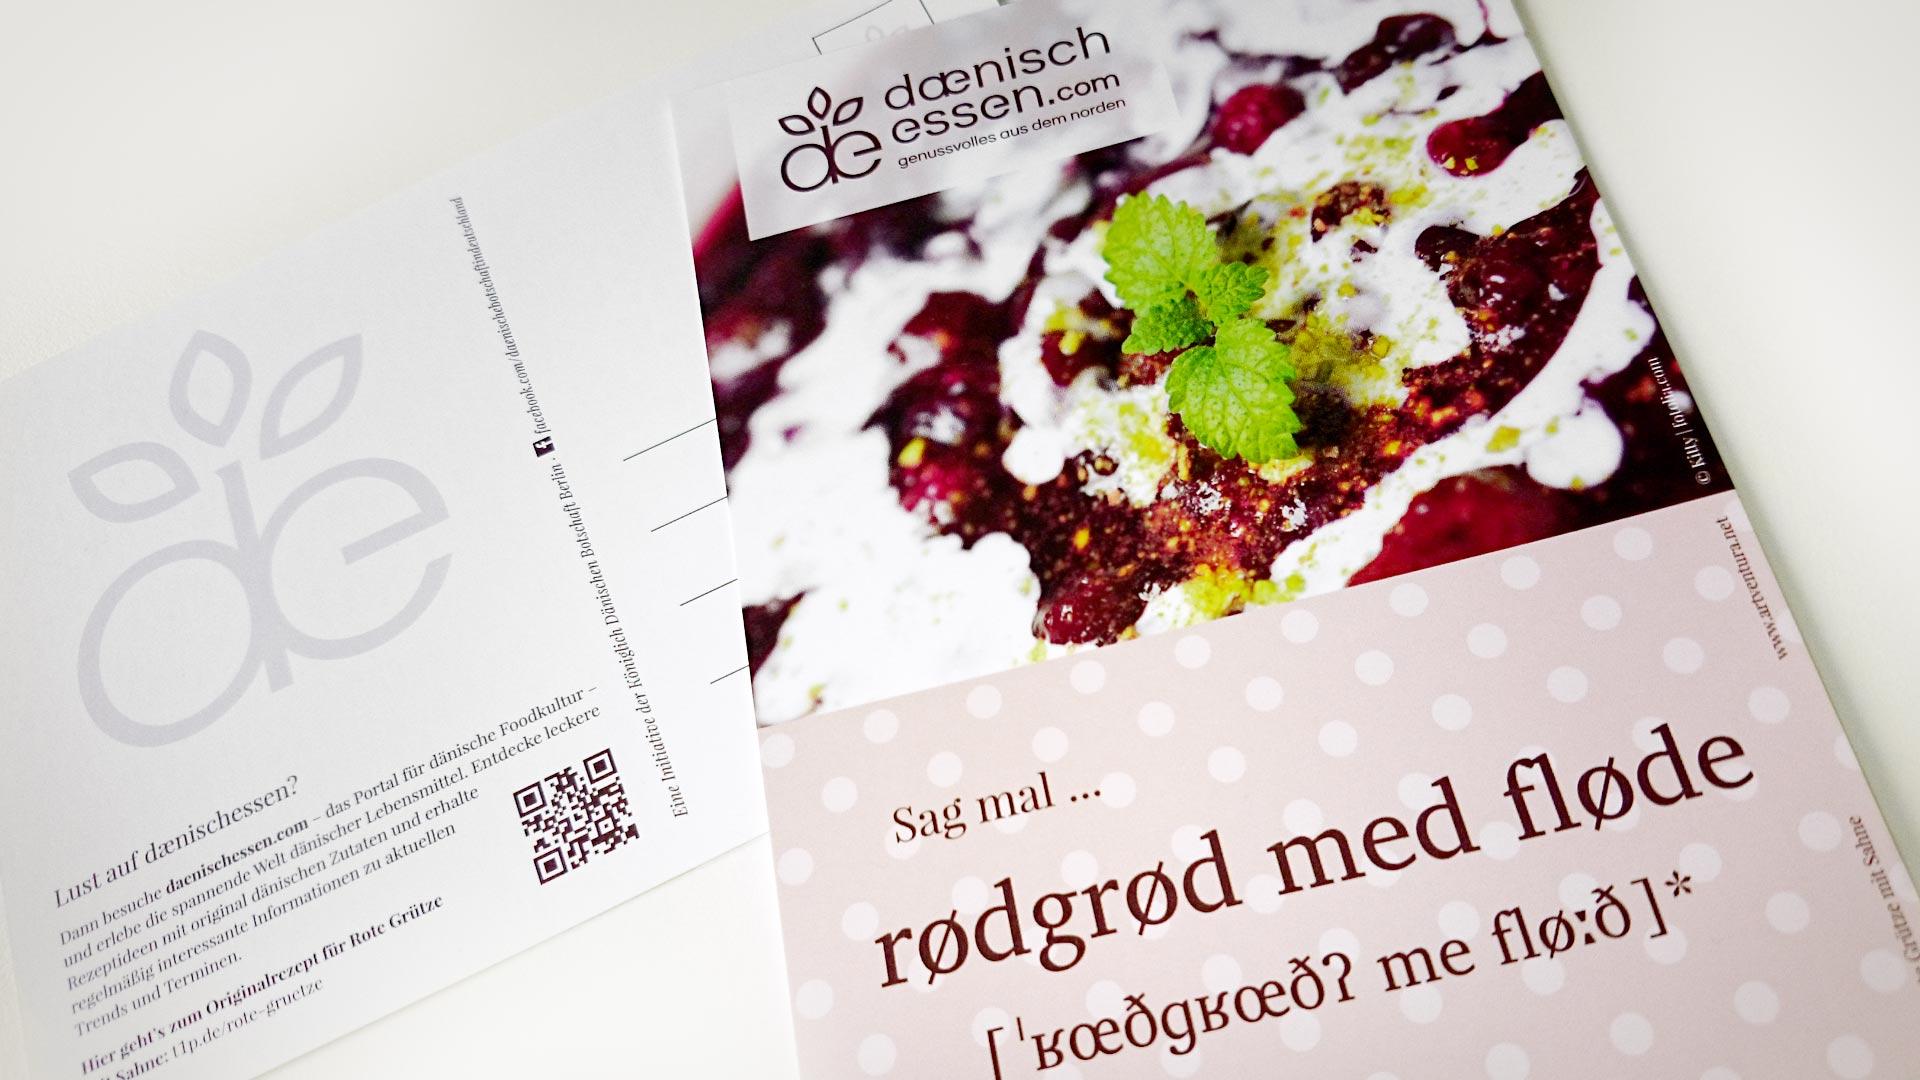 artventura-Projekt daenischessen.com:Gestaltung und Produktion einer Postkarte zur Portalvermarktung